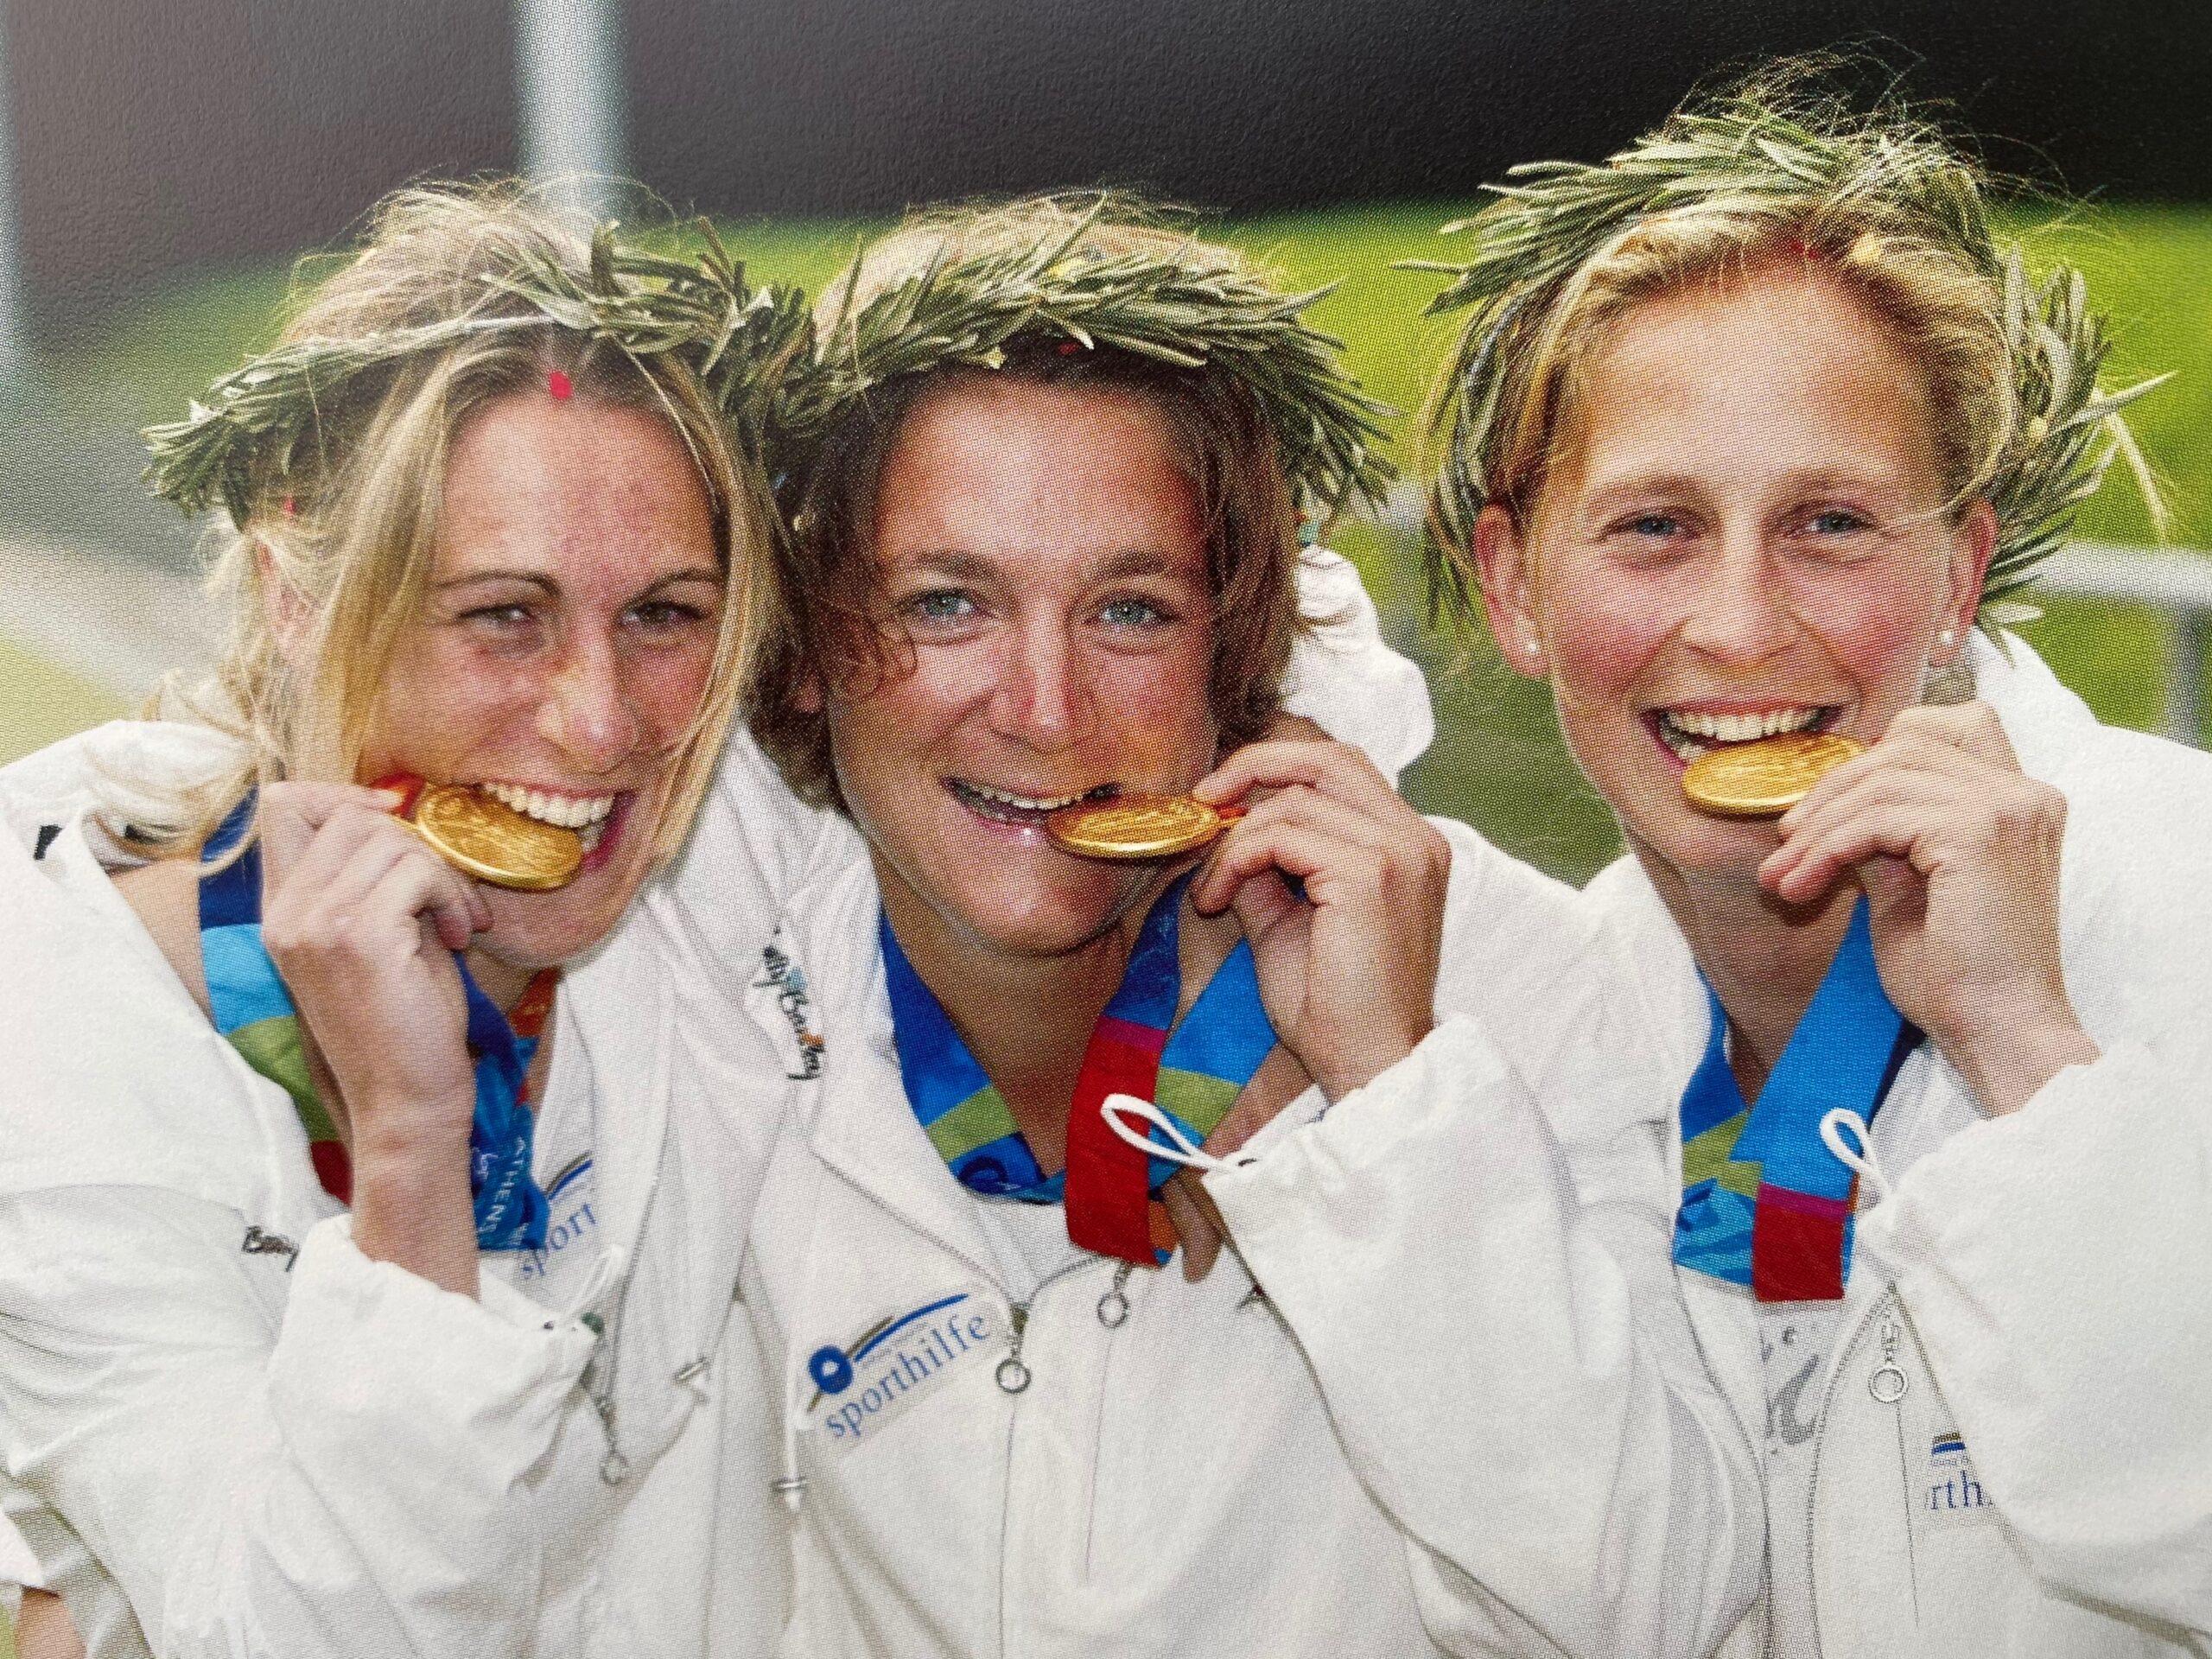 2004  Die Rot-Weiss Damen Franzi Gude, Heike Lätsch und Marion Rodewald gewinnen bei den Olympischen Spielen in Athen die Goldmedaille